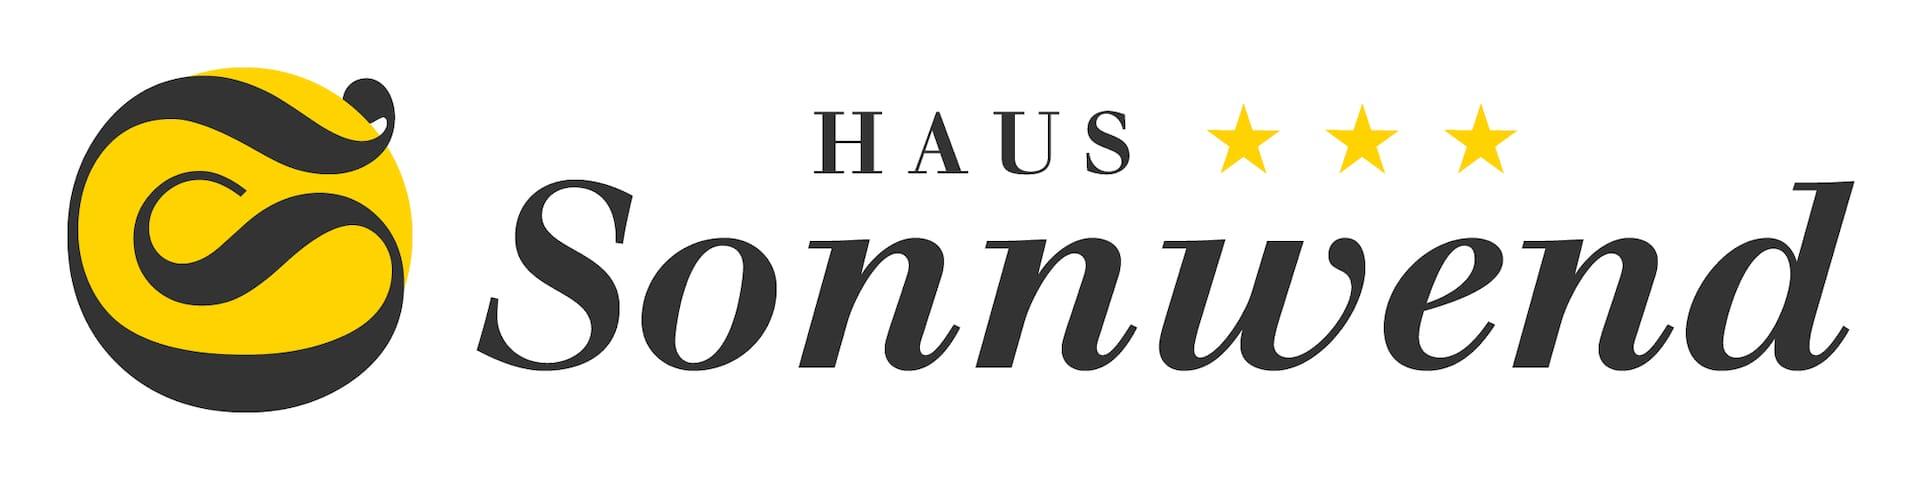 Haus Sonnwend - Alpbach - Wikt i opierunek